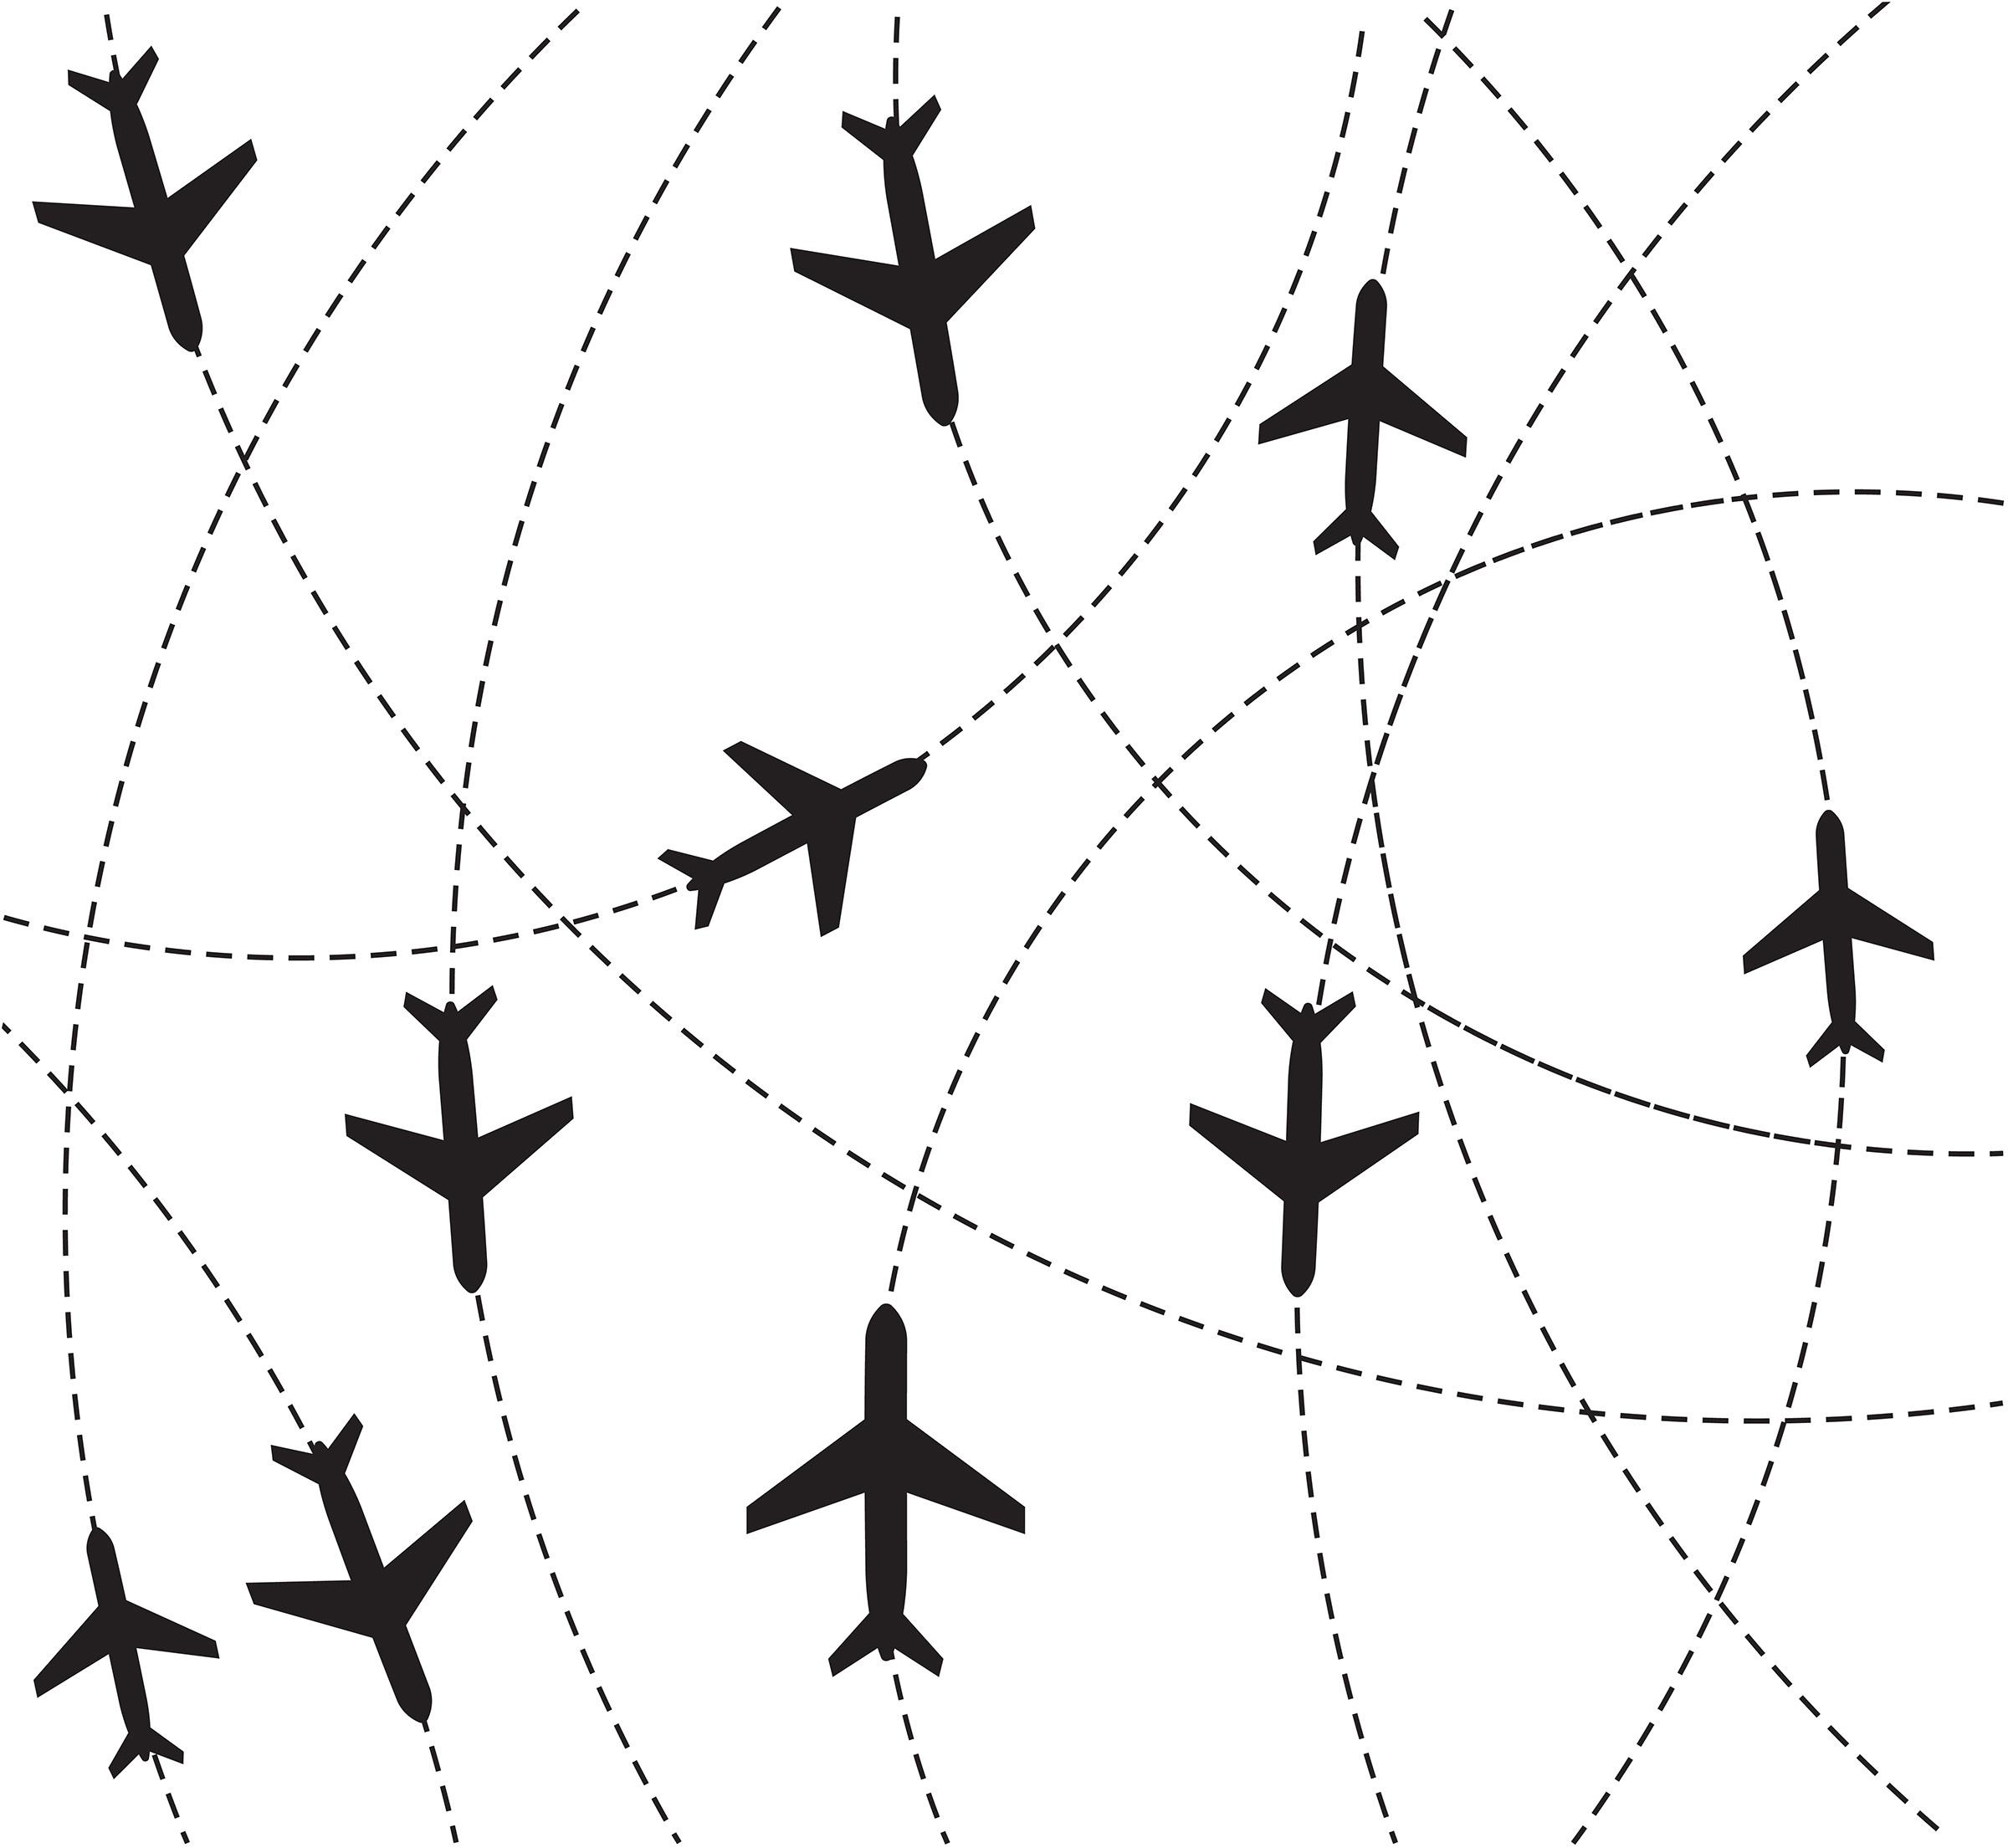 Flight planning.jpg